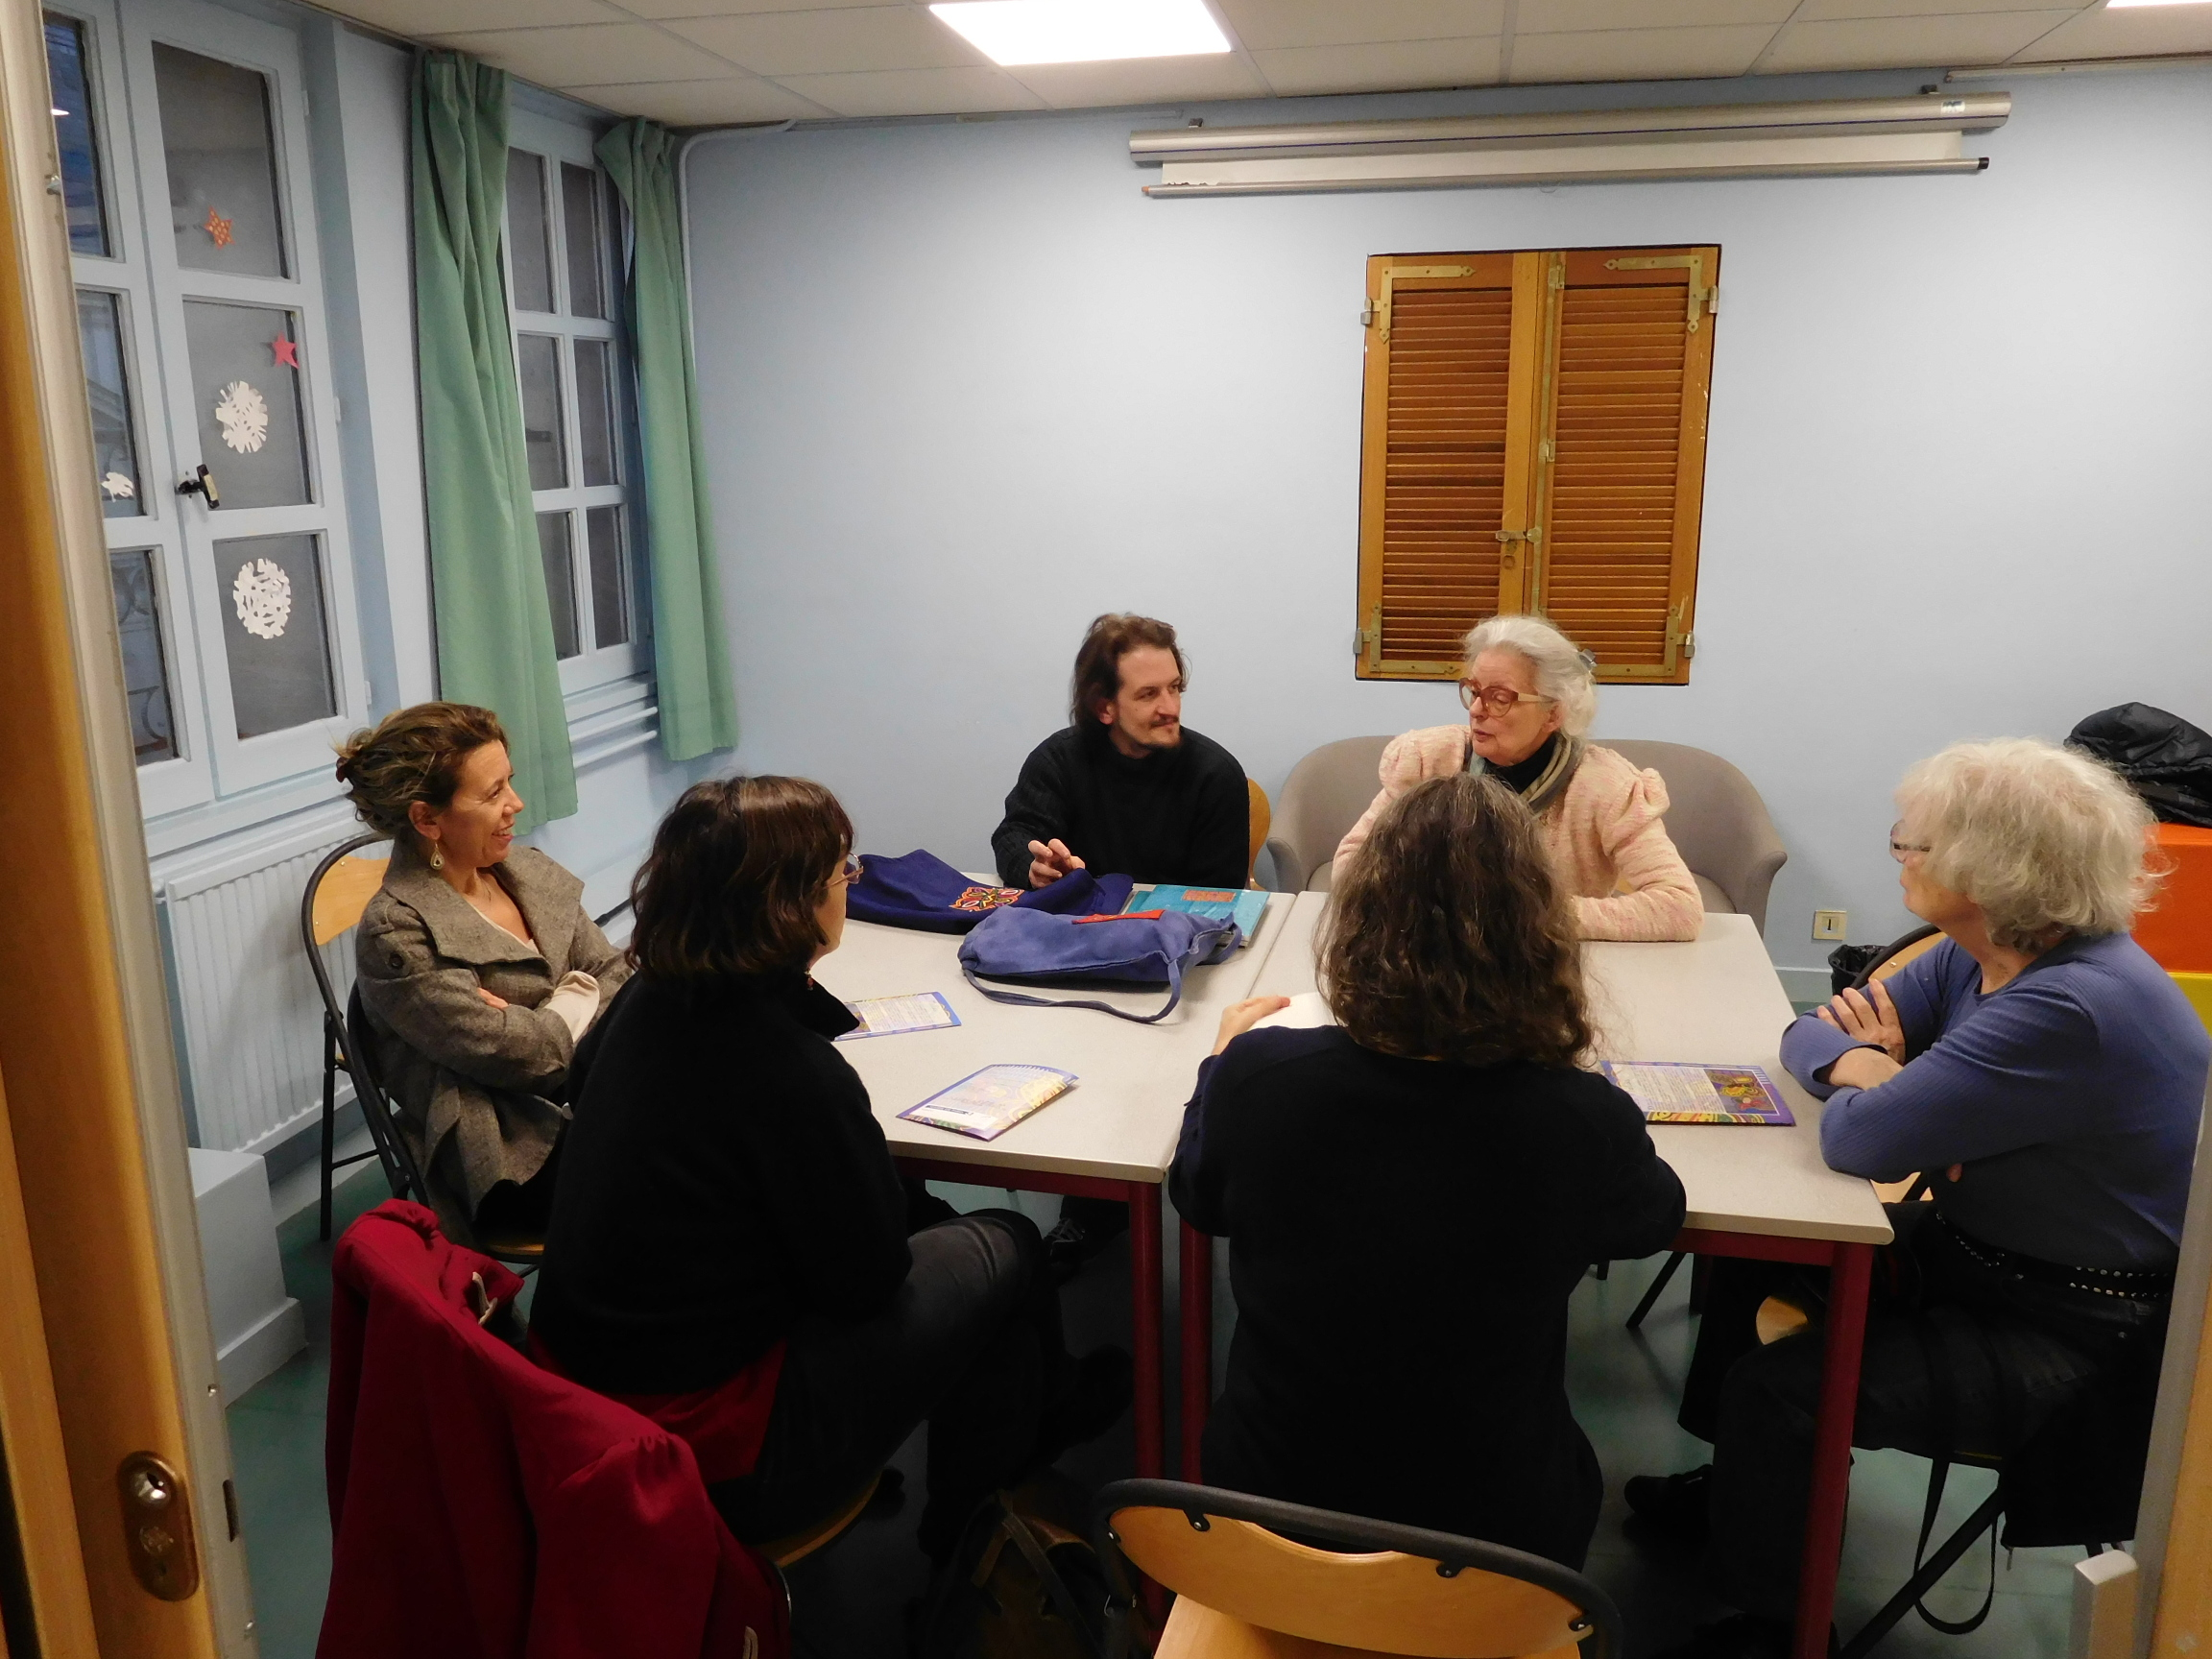 Petite discussion après l'atelier avec des adultes, autour de la Mola